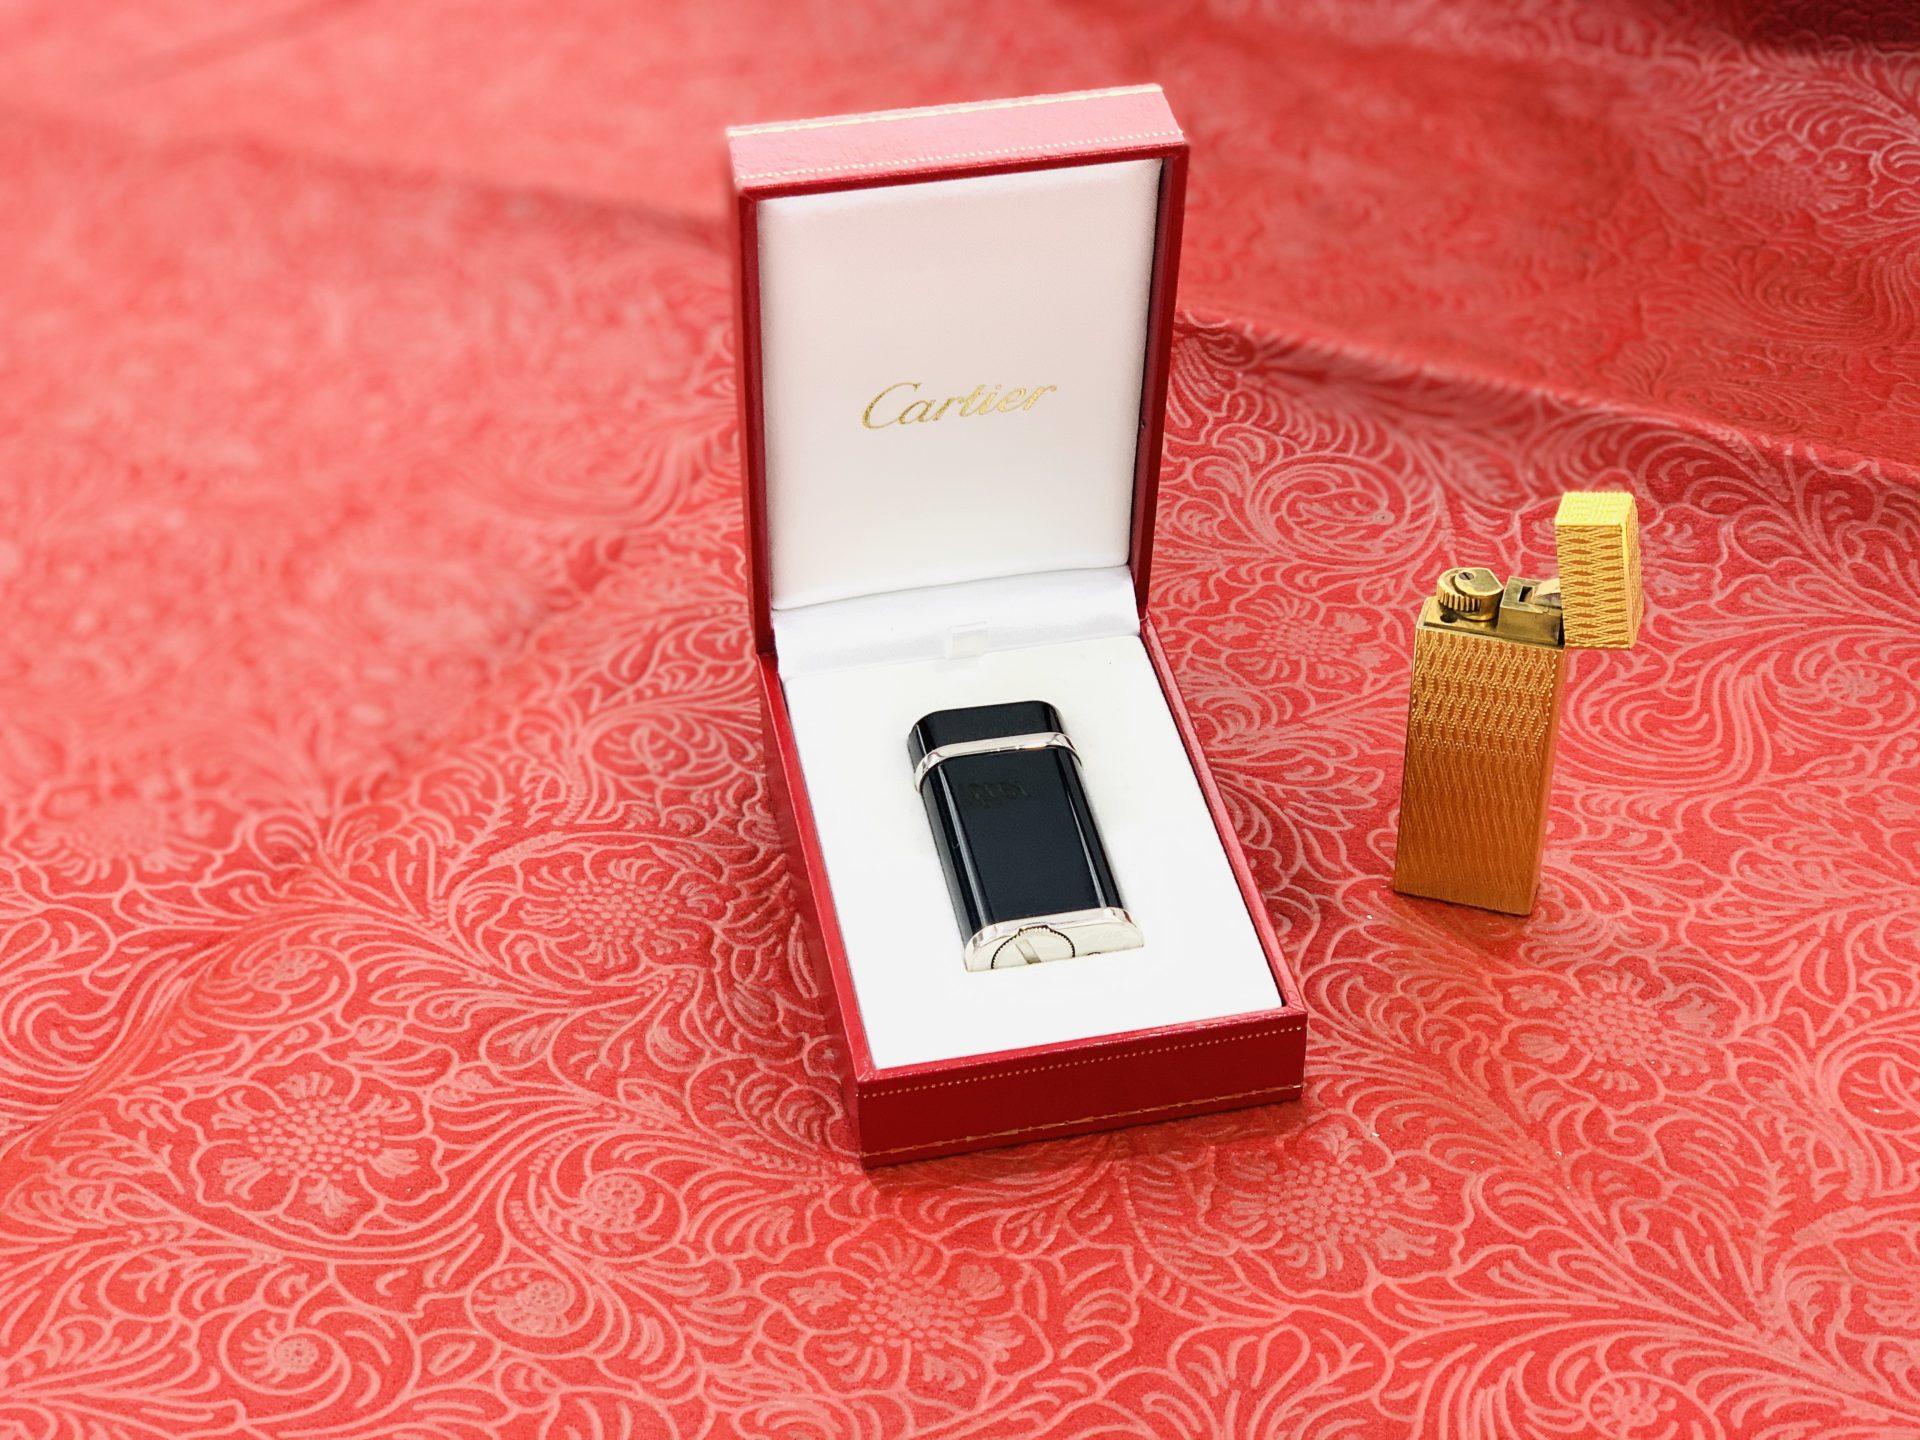 【盛岡 ブランド 販売】大人の男性の嗜み「Cartier(カルティエ)」ガスライター